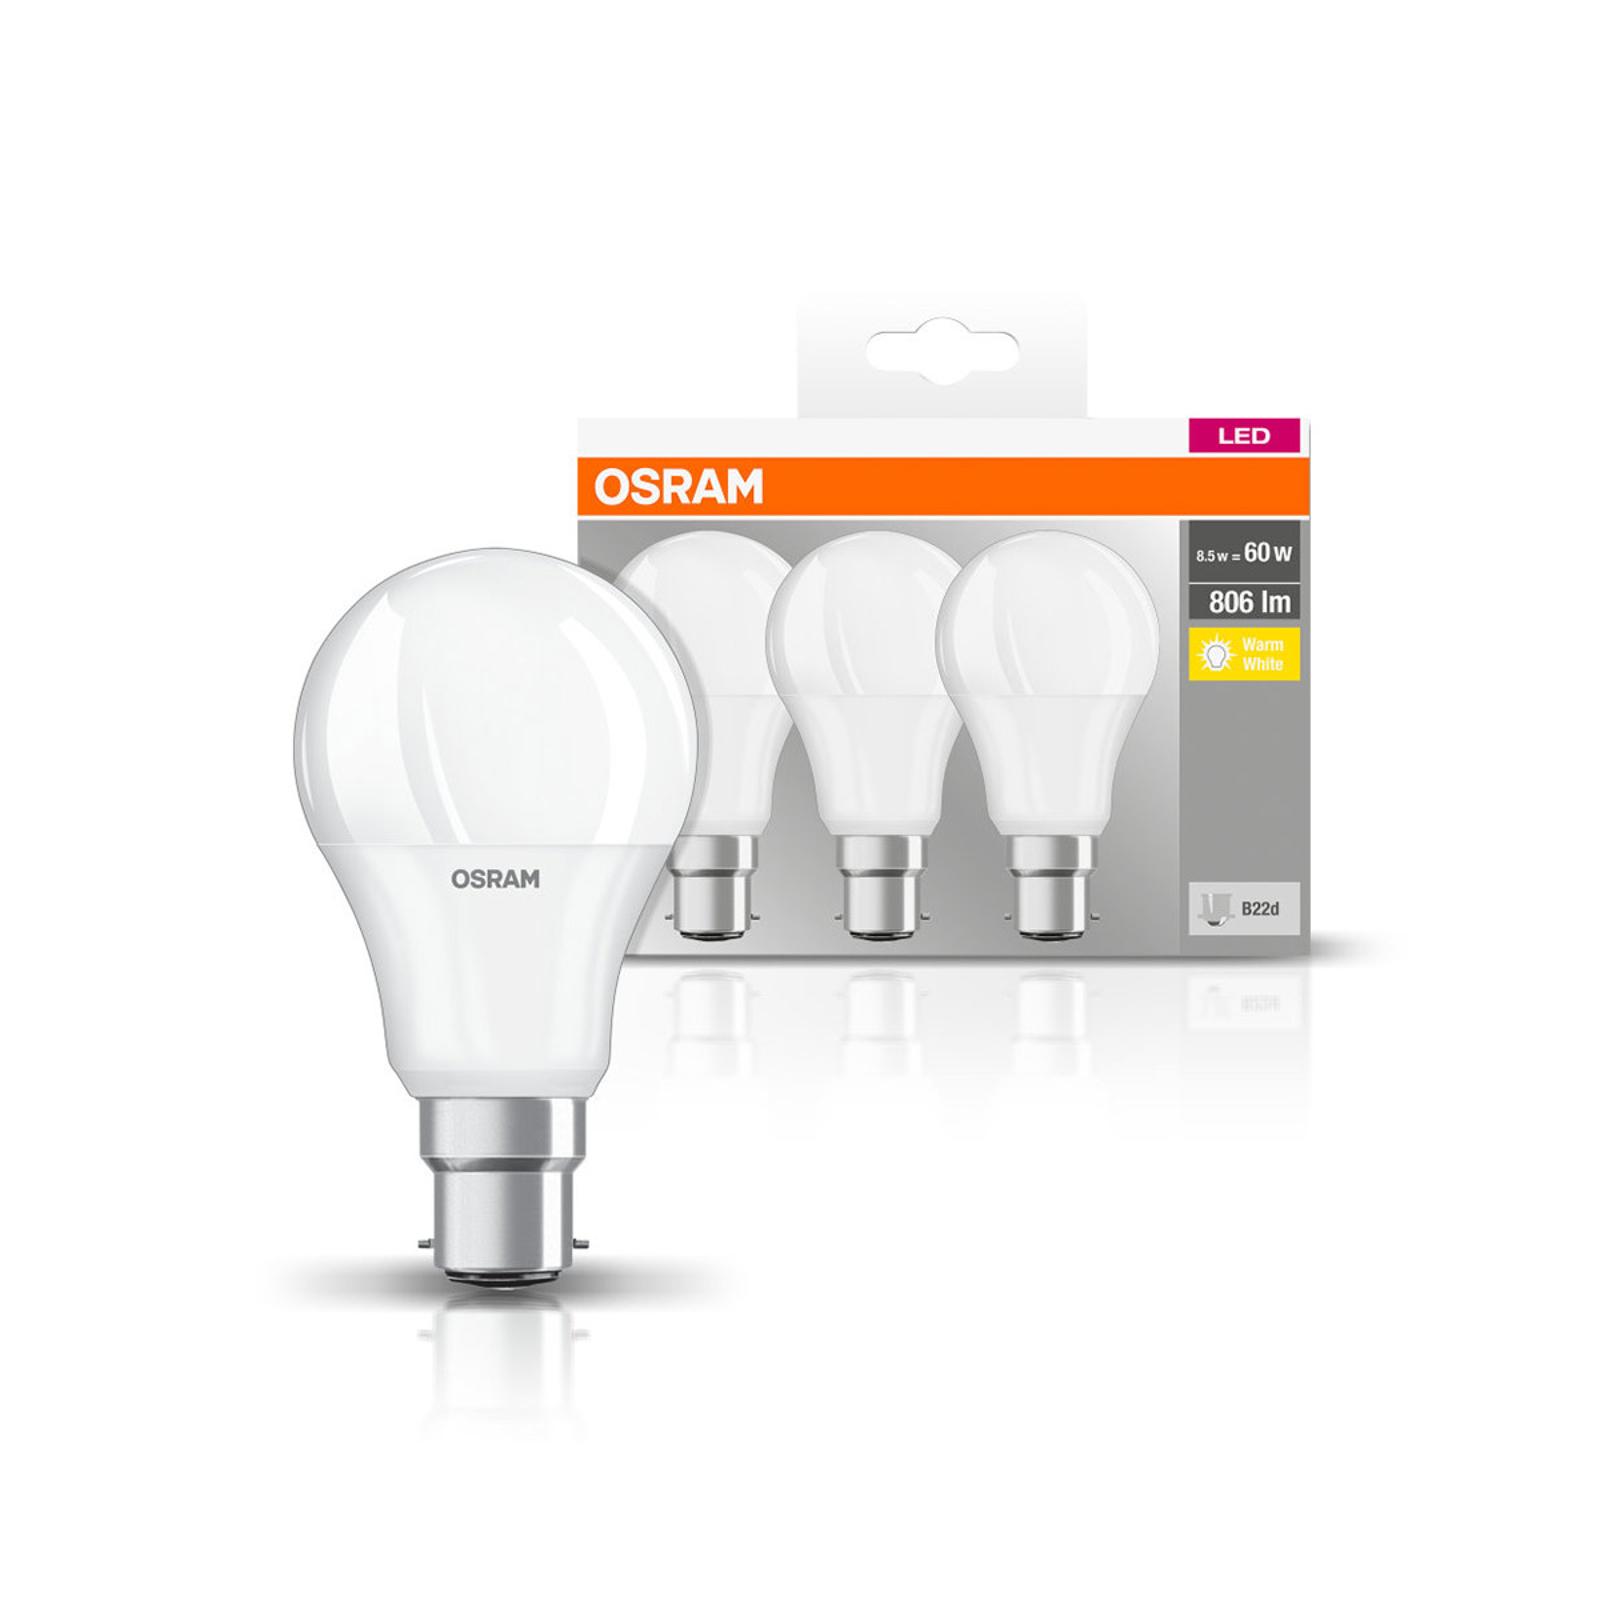 OSRAM LED-Lampe Classic B22d 8,5W 2.700K 806lm 3er